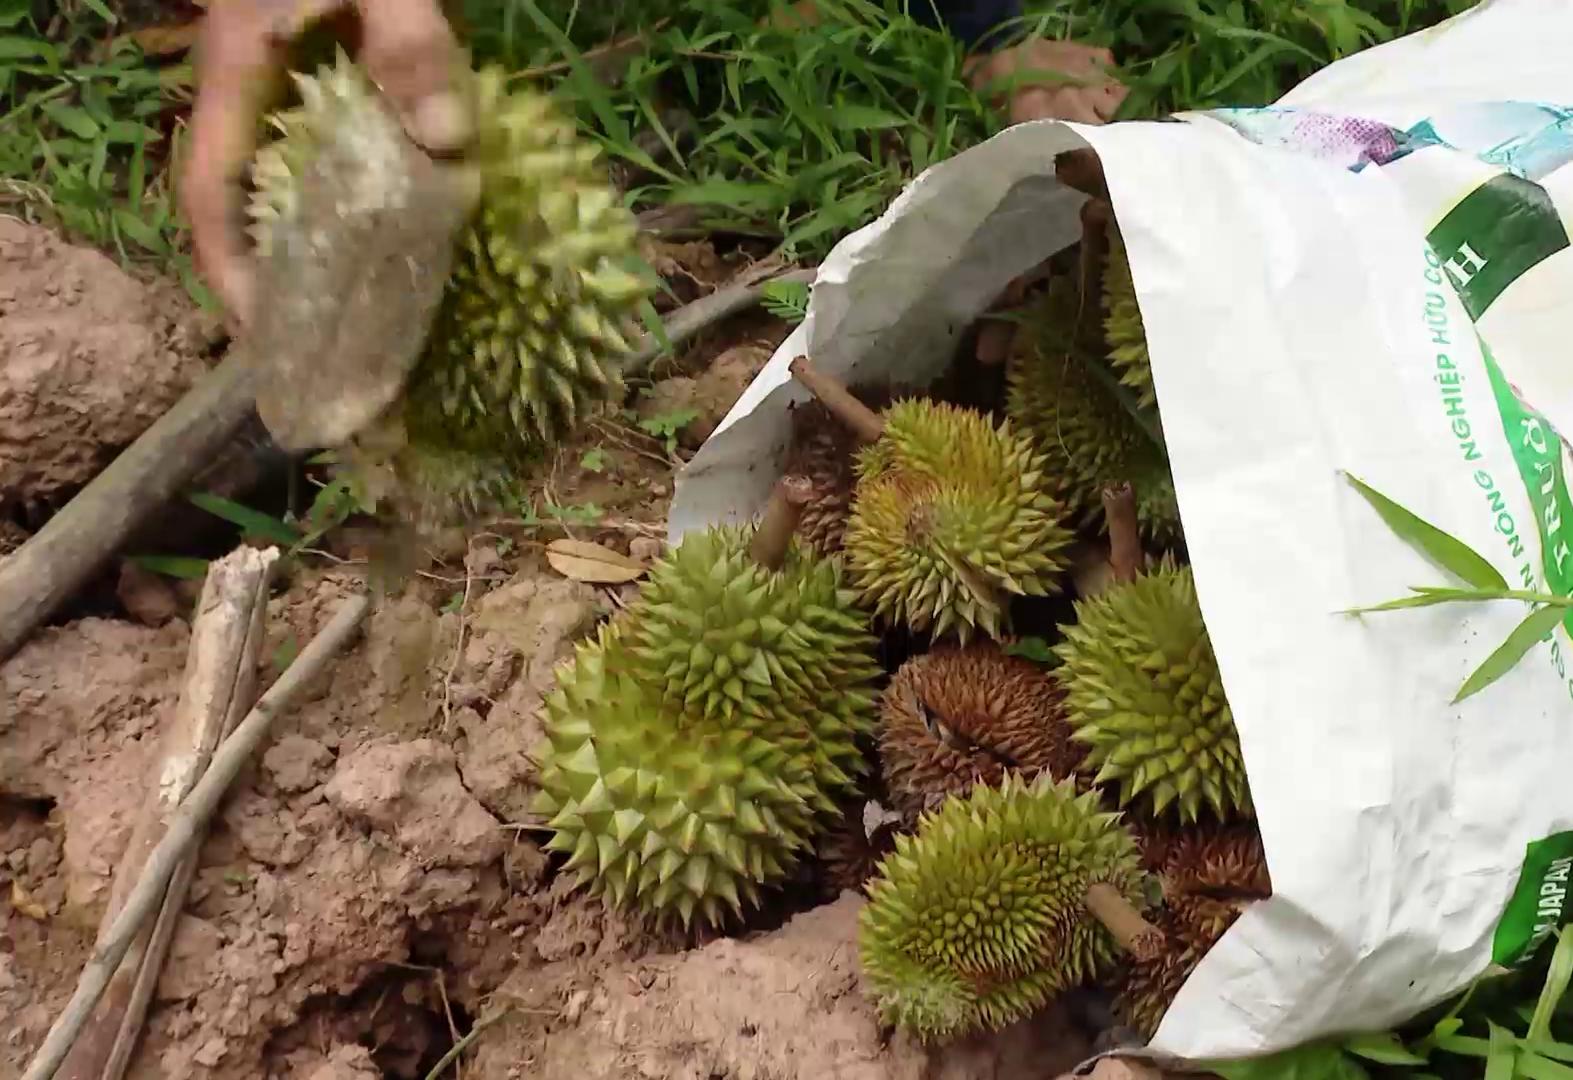 Tiền Giang: Nôn nóng làm điều này, hàng loạt vườn rụng trái non, nông dân nếm vụ sầu riêng đắng  - Ảnh 1.